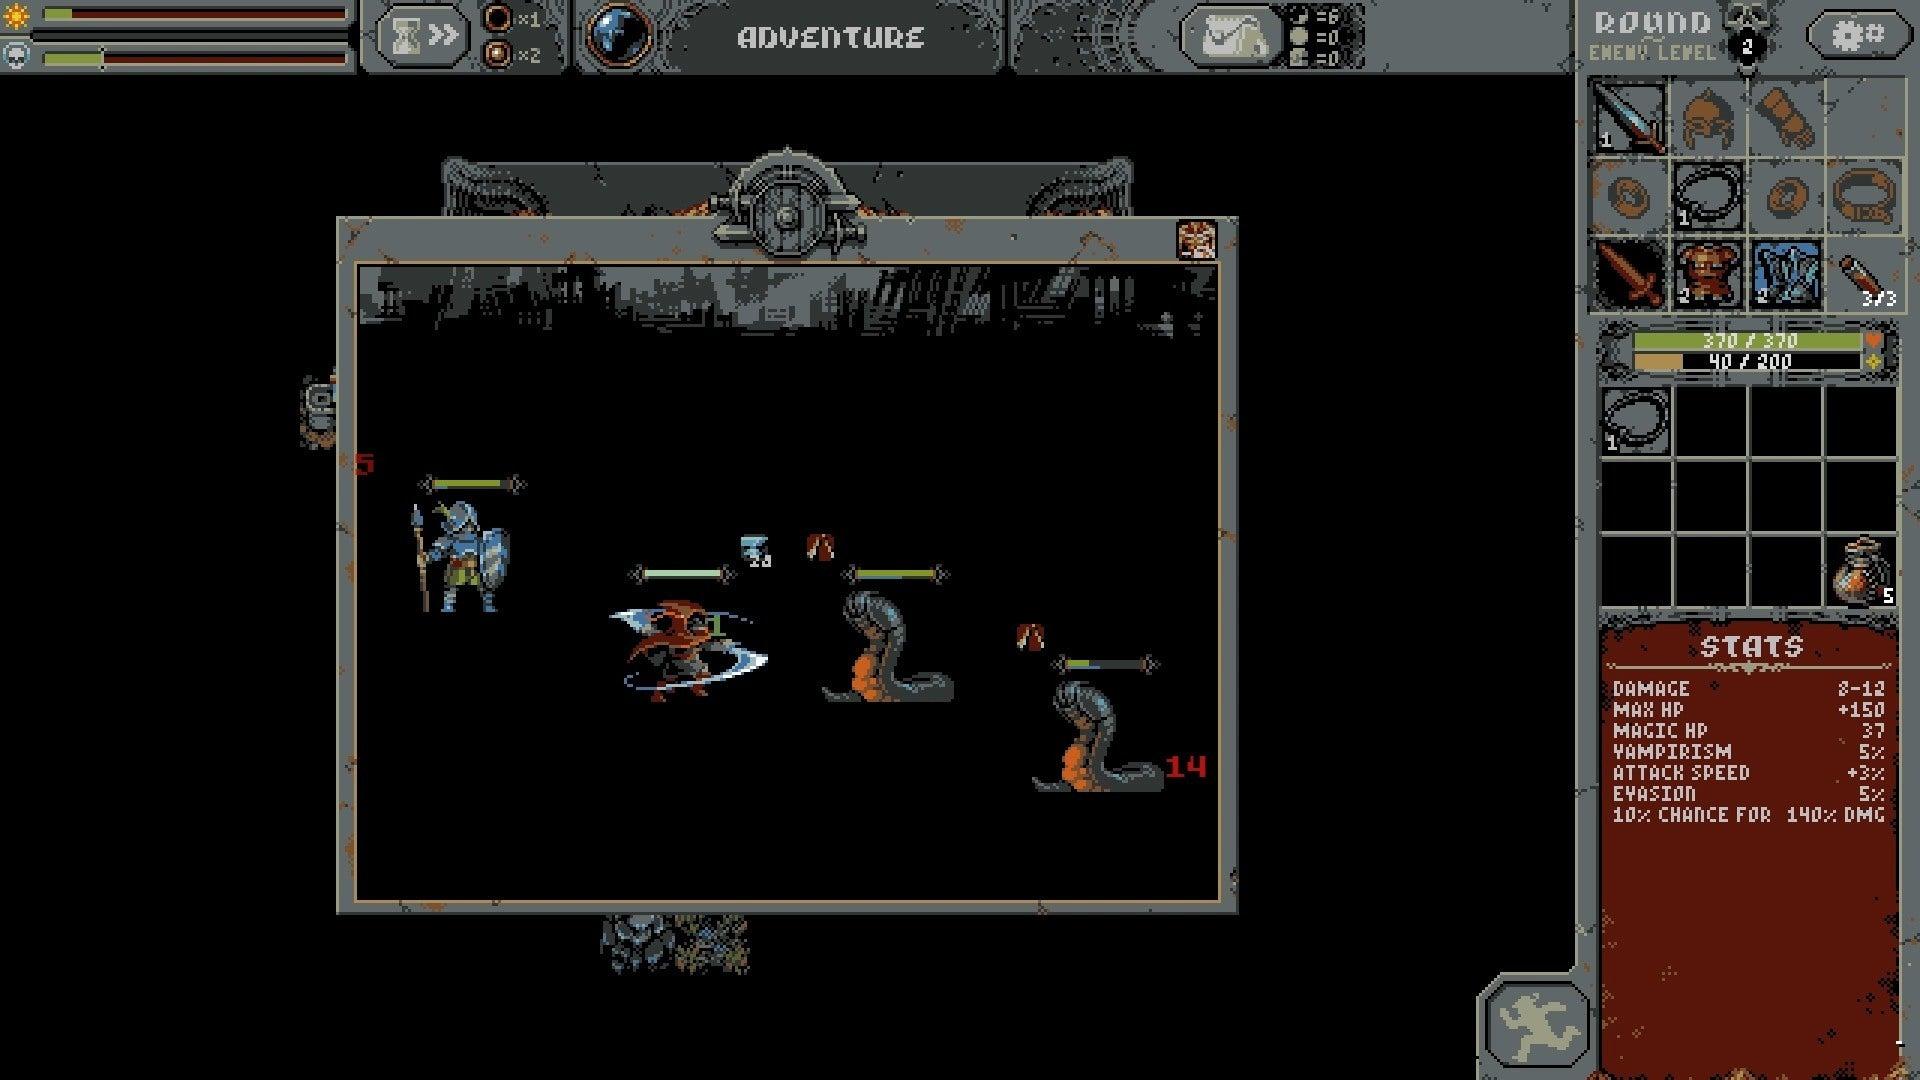 loop hero screen 3 1612486094379.jpg?width=888&crop=16%3A9&quality=20&dpr=0